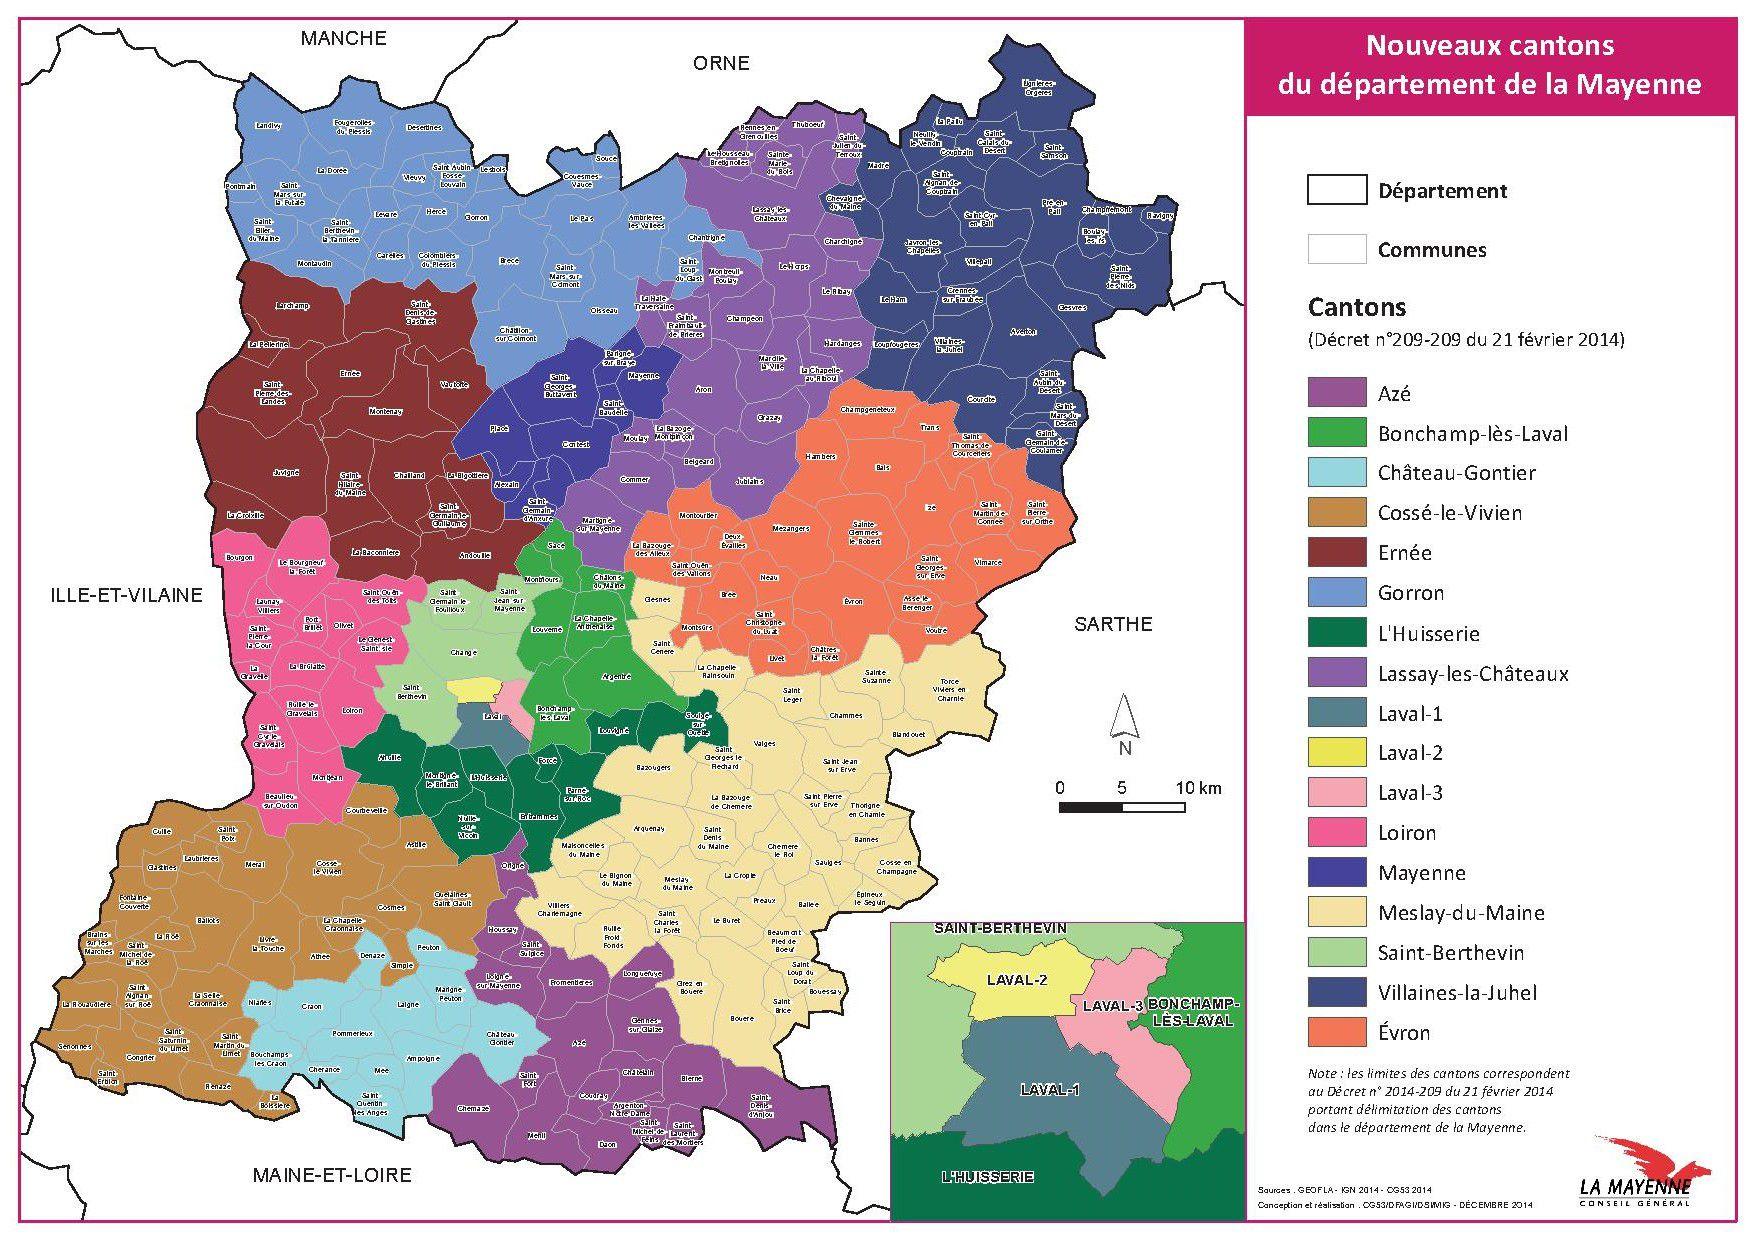 Carte des cantons de la Mayenne